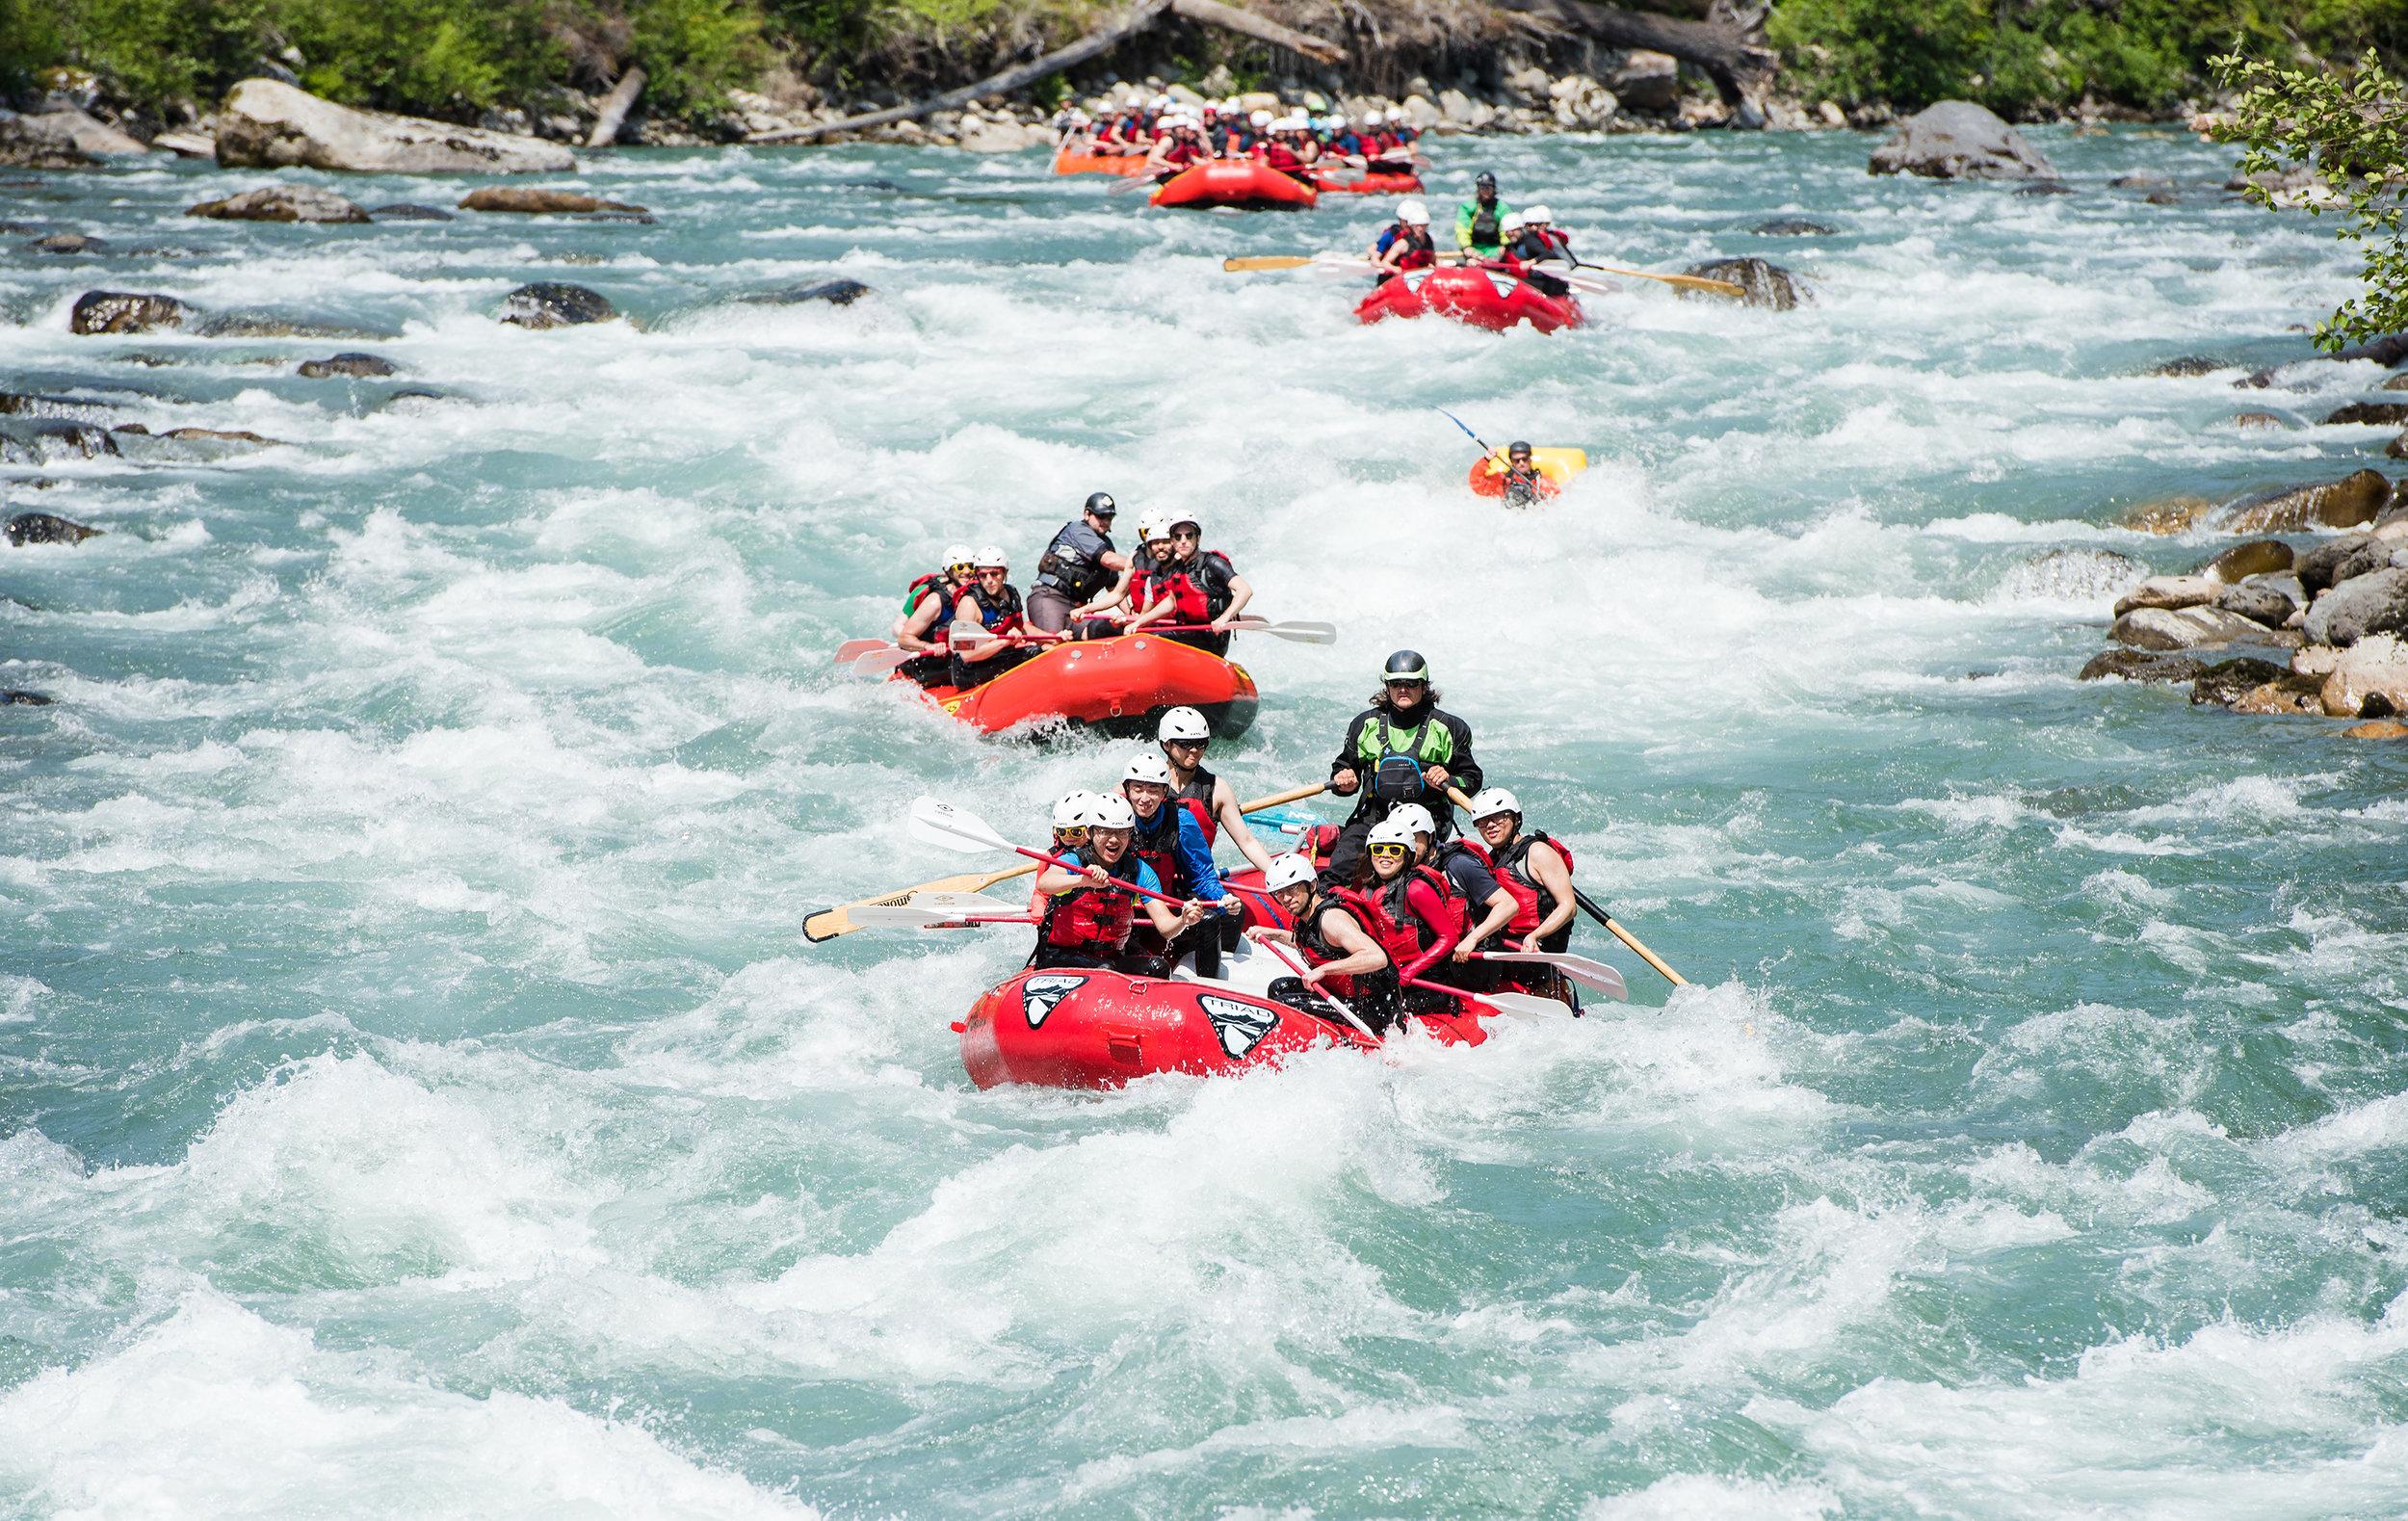 sauk river whitewater rafting